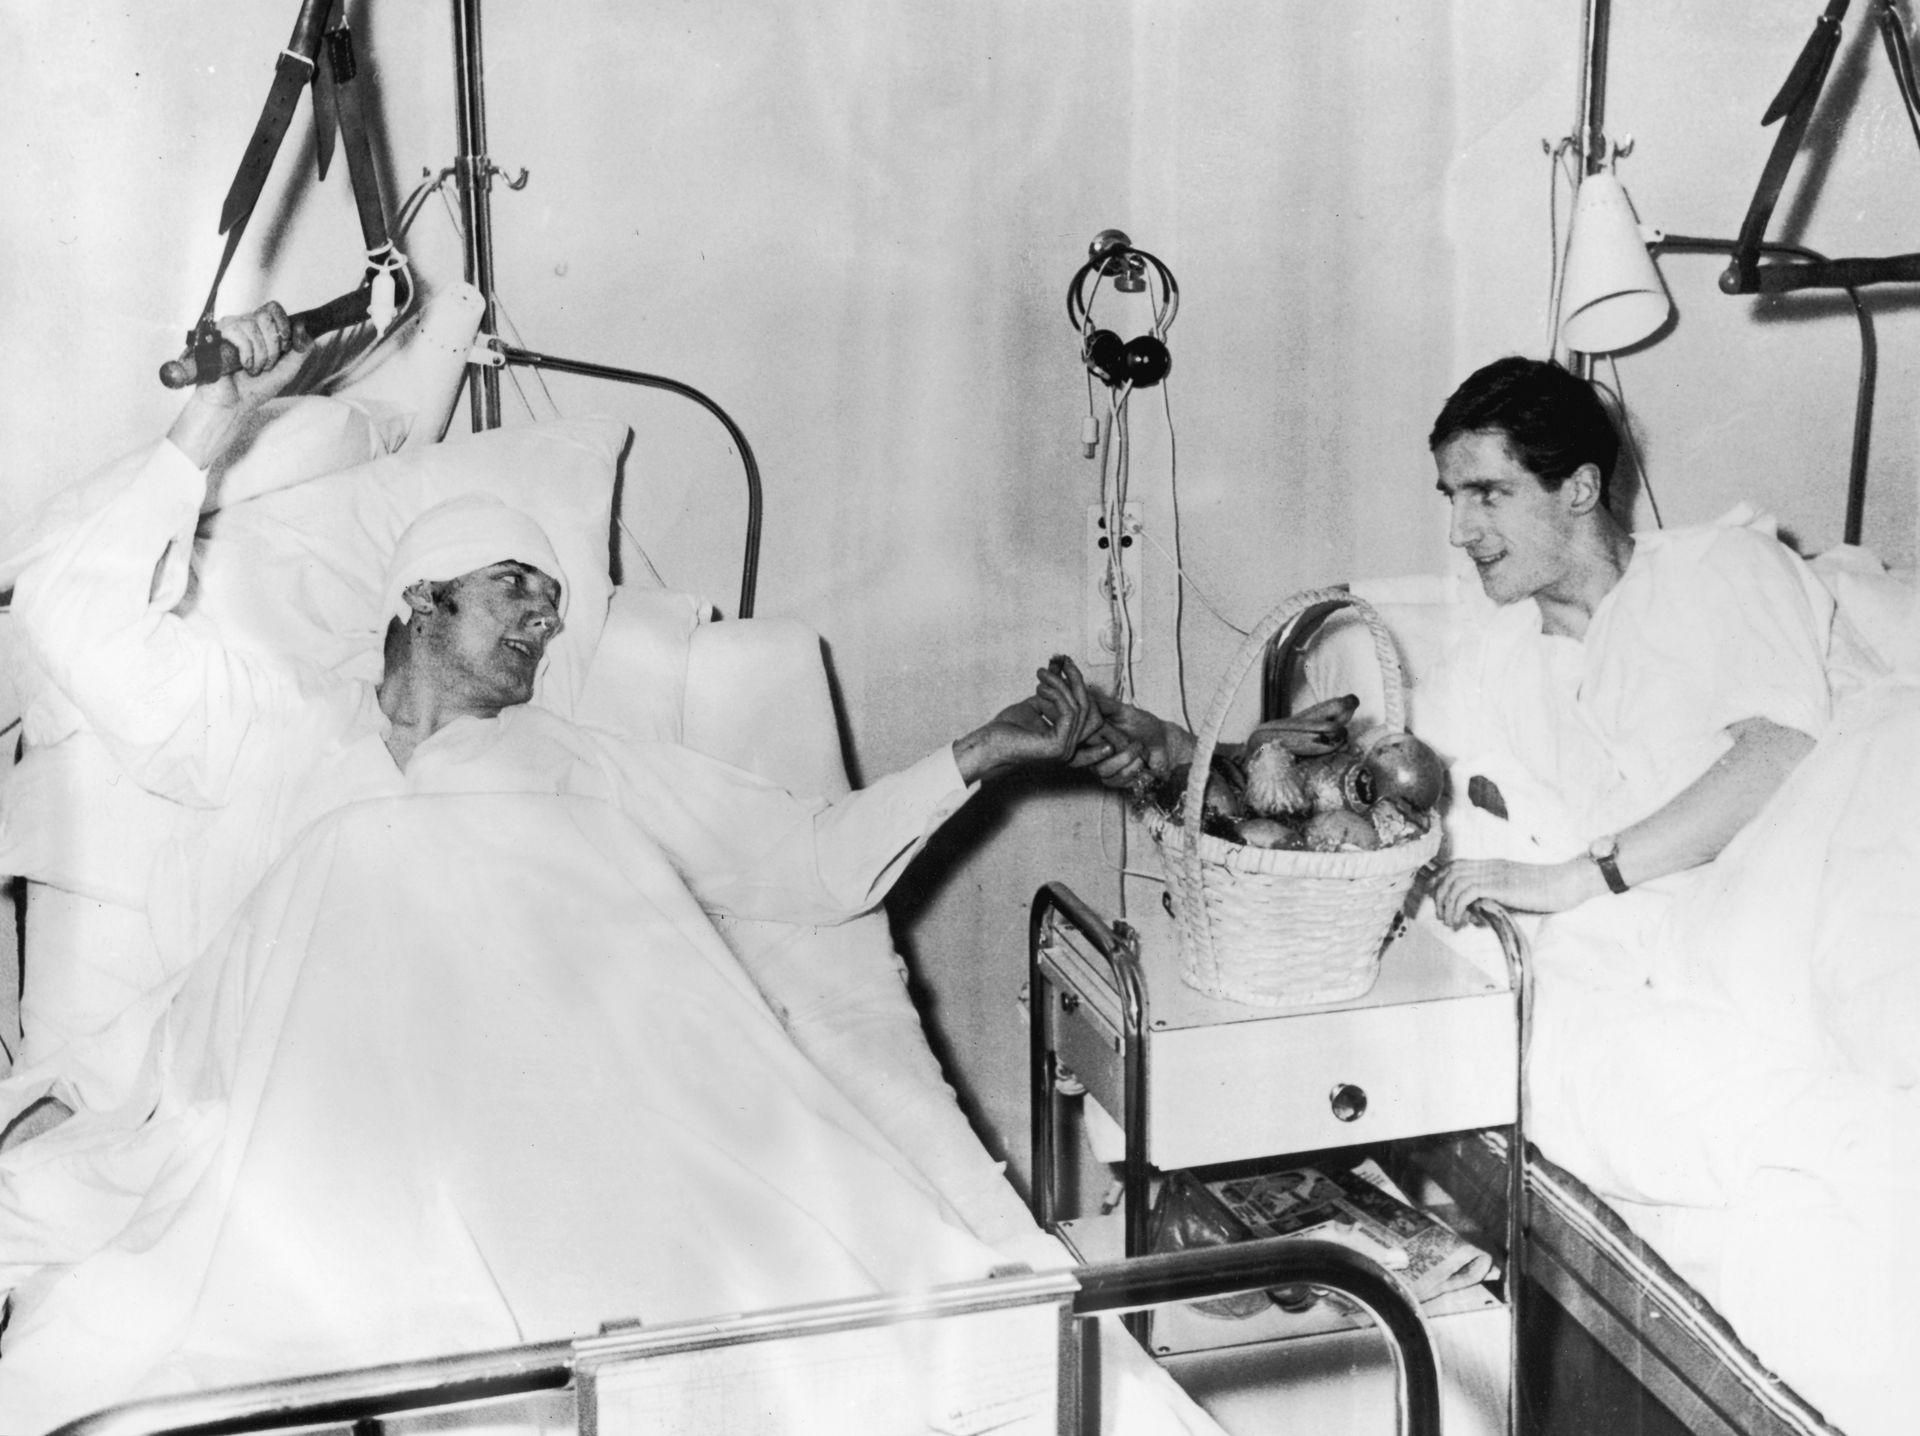 Двама от оцелелите играчи - Денис Вайълет и Албърт Сканлън в болницата, в дните след ужаса